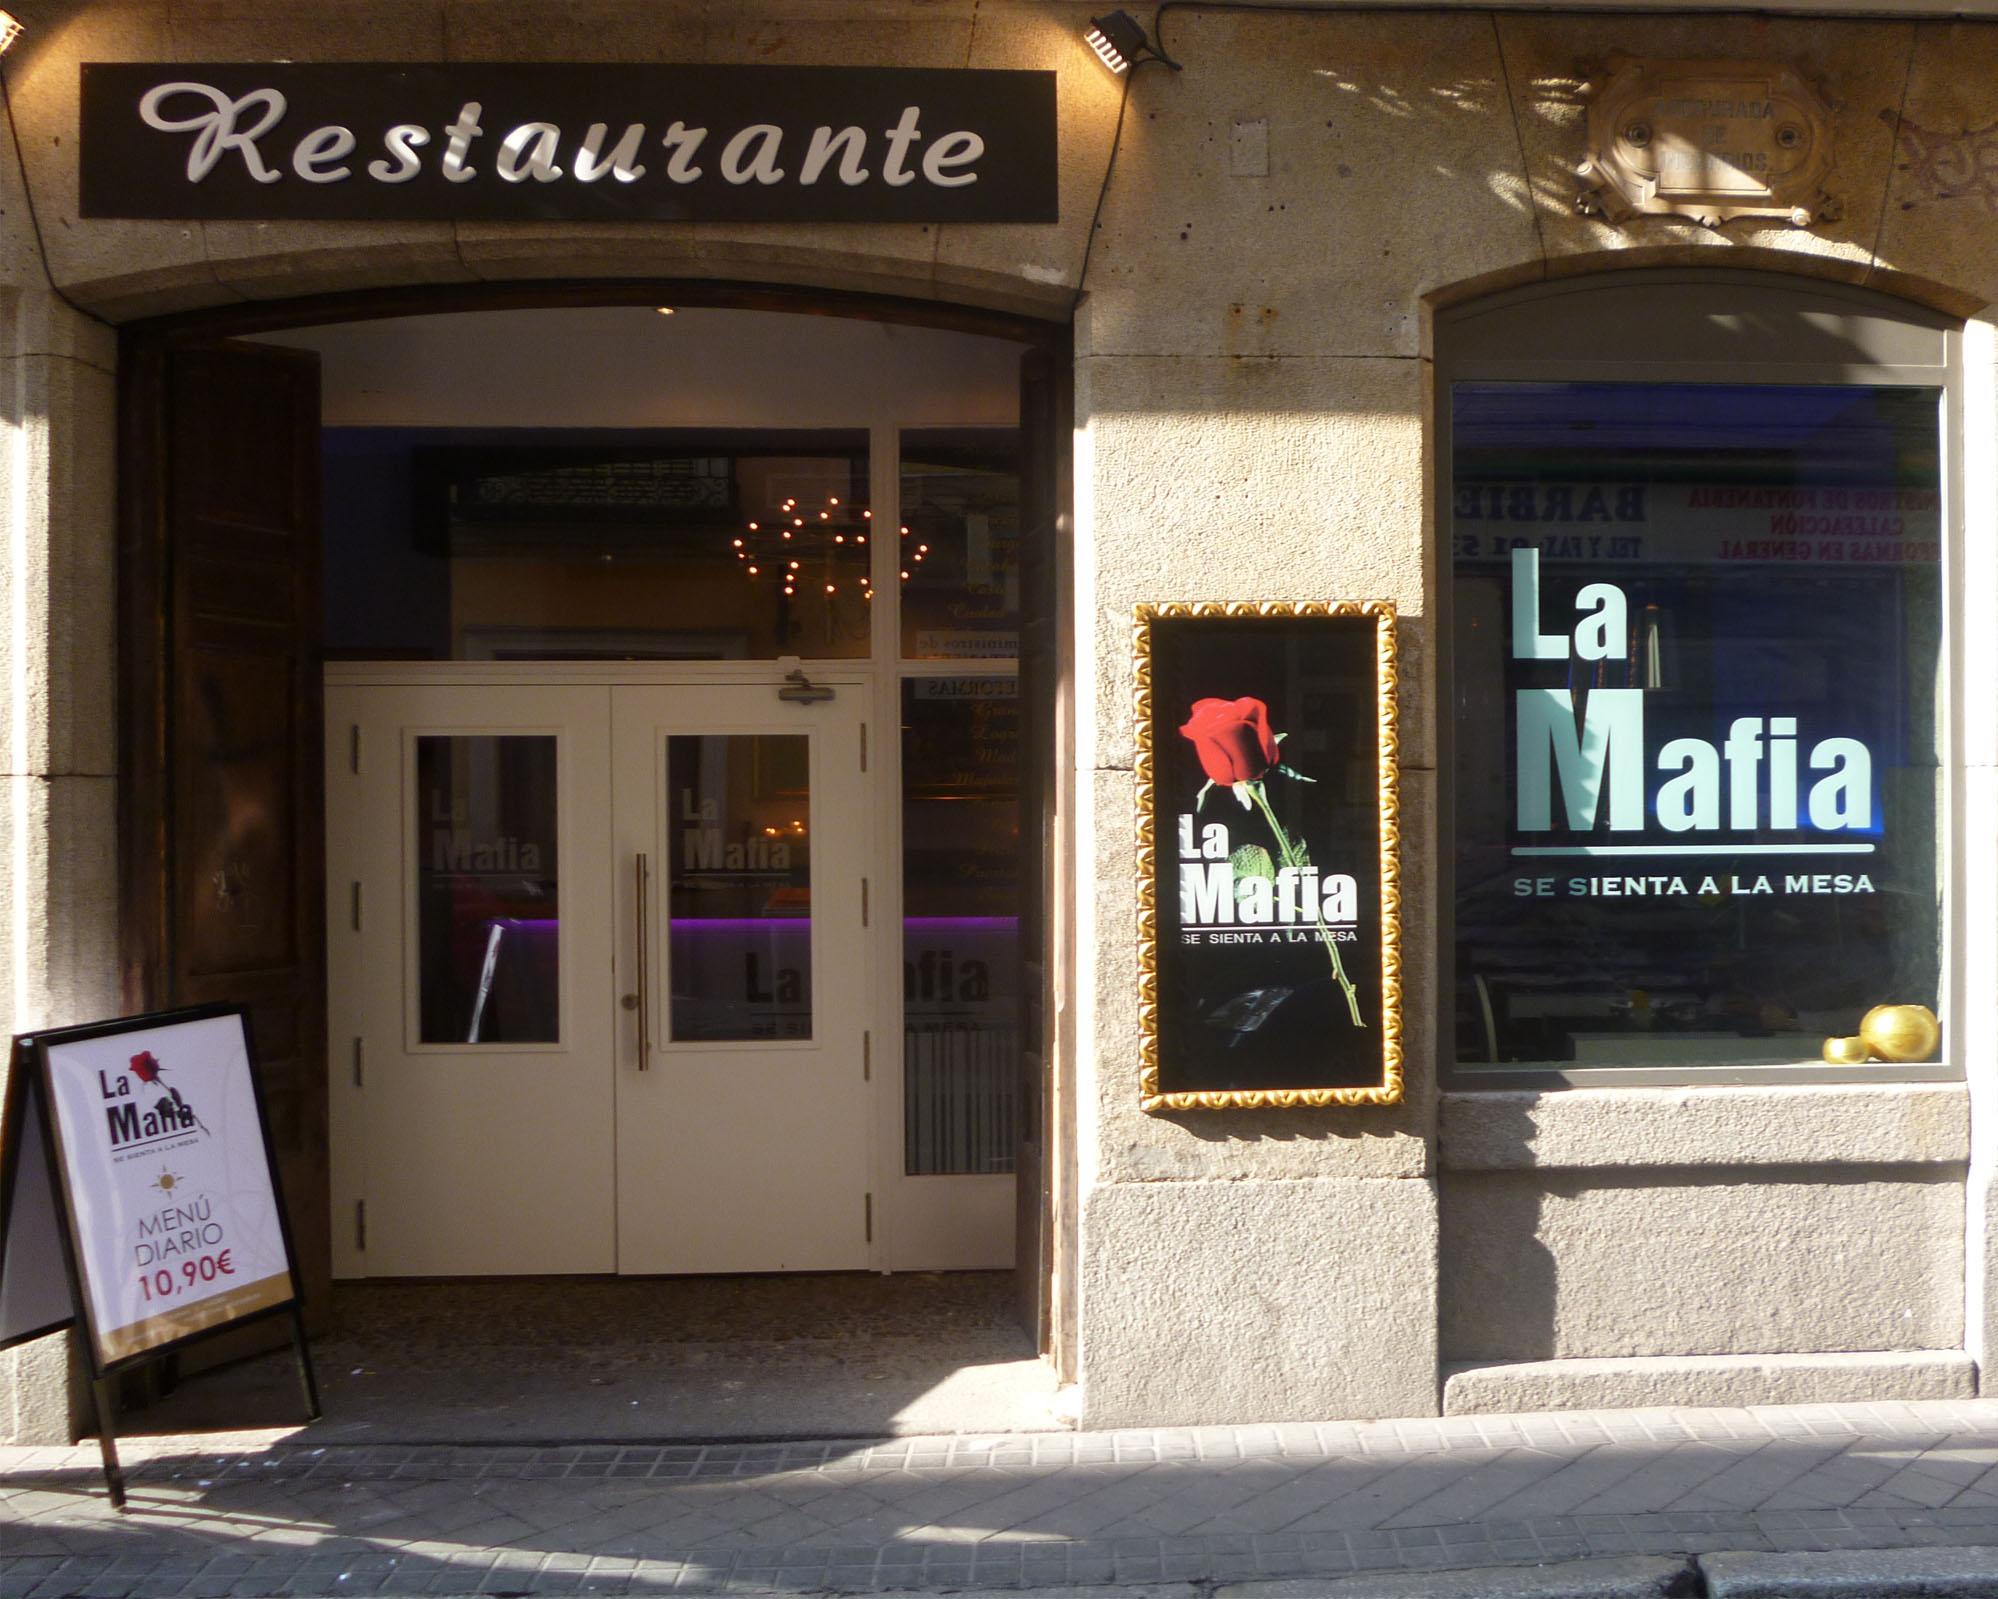 Venda bar restaurante discoteca barrio de chueca madrid for Restaurante calle prado 15 madrid